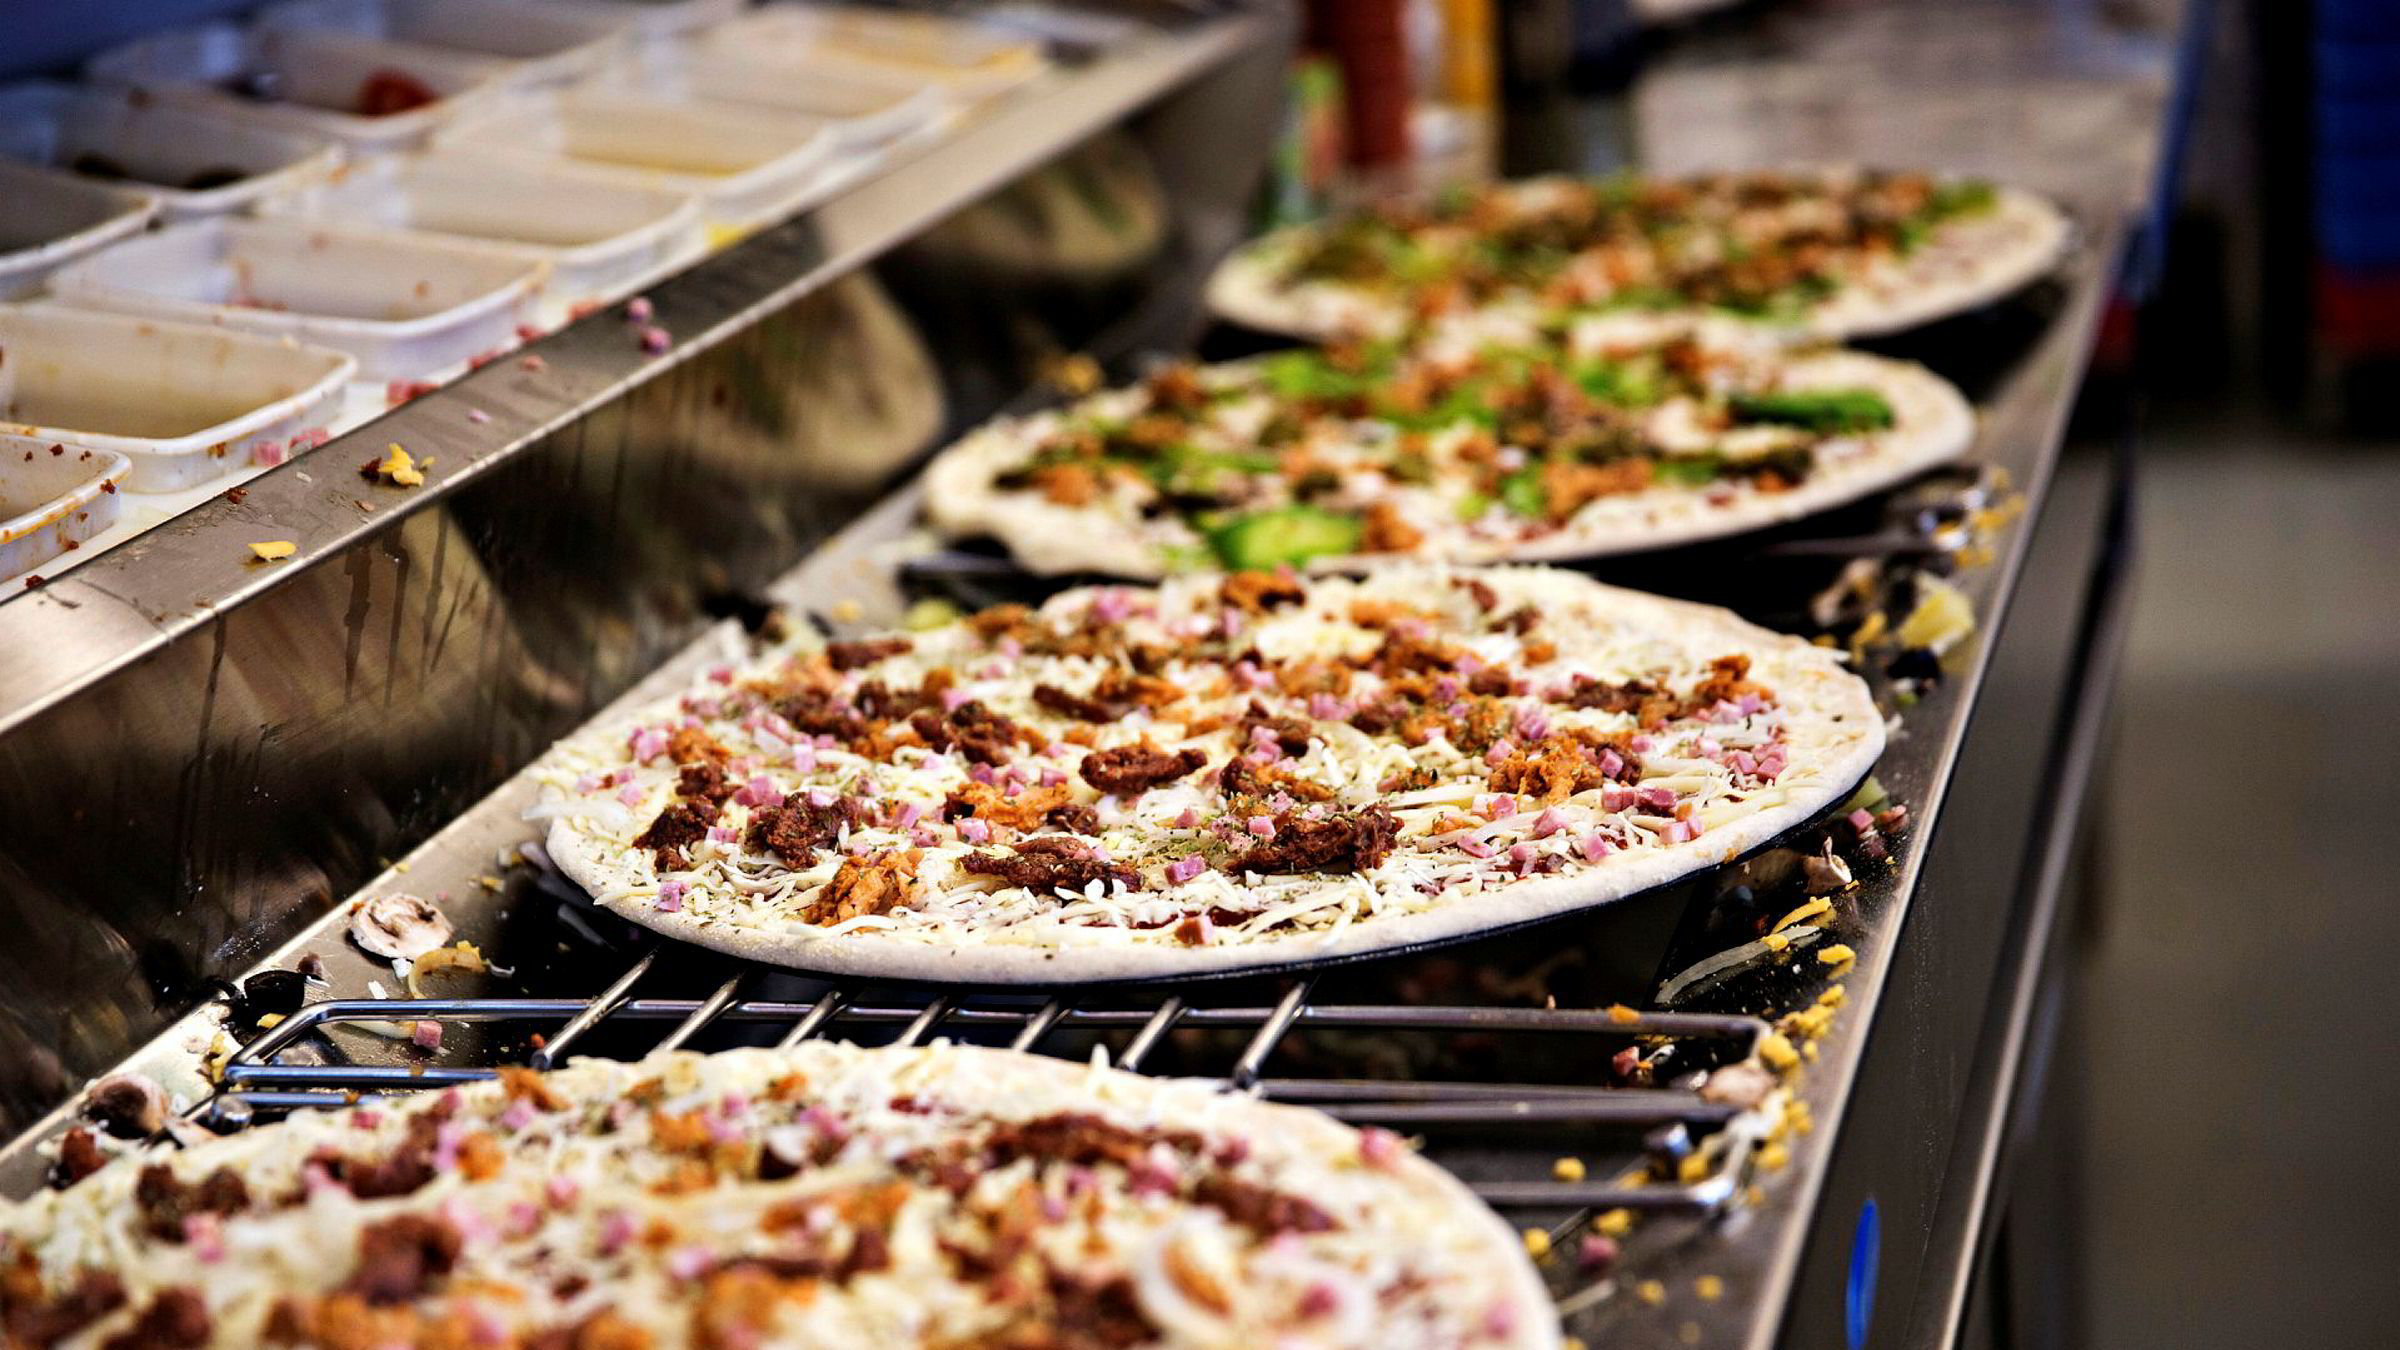 – Domino's i Norge fortsetter. Våre ambisjoner er uforandret, vi vil bli nummer én på pizza i Norge, sier Birgir Bieltvedt.